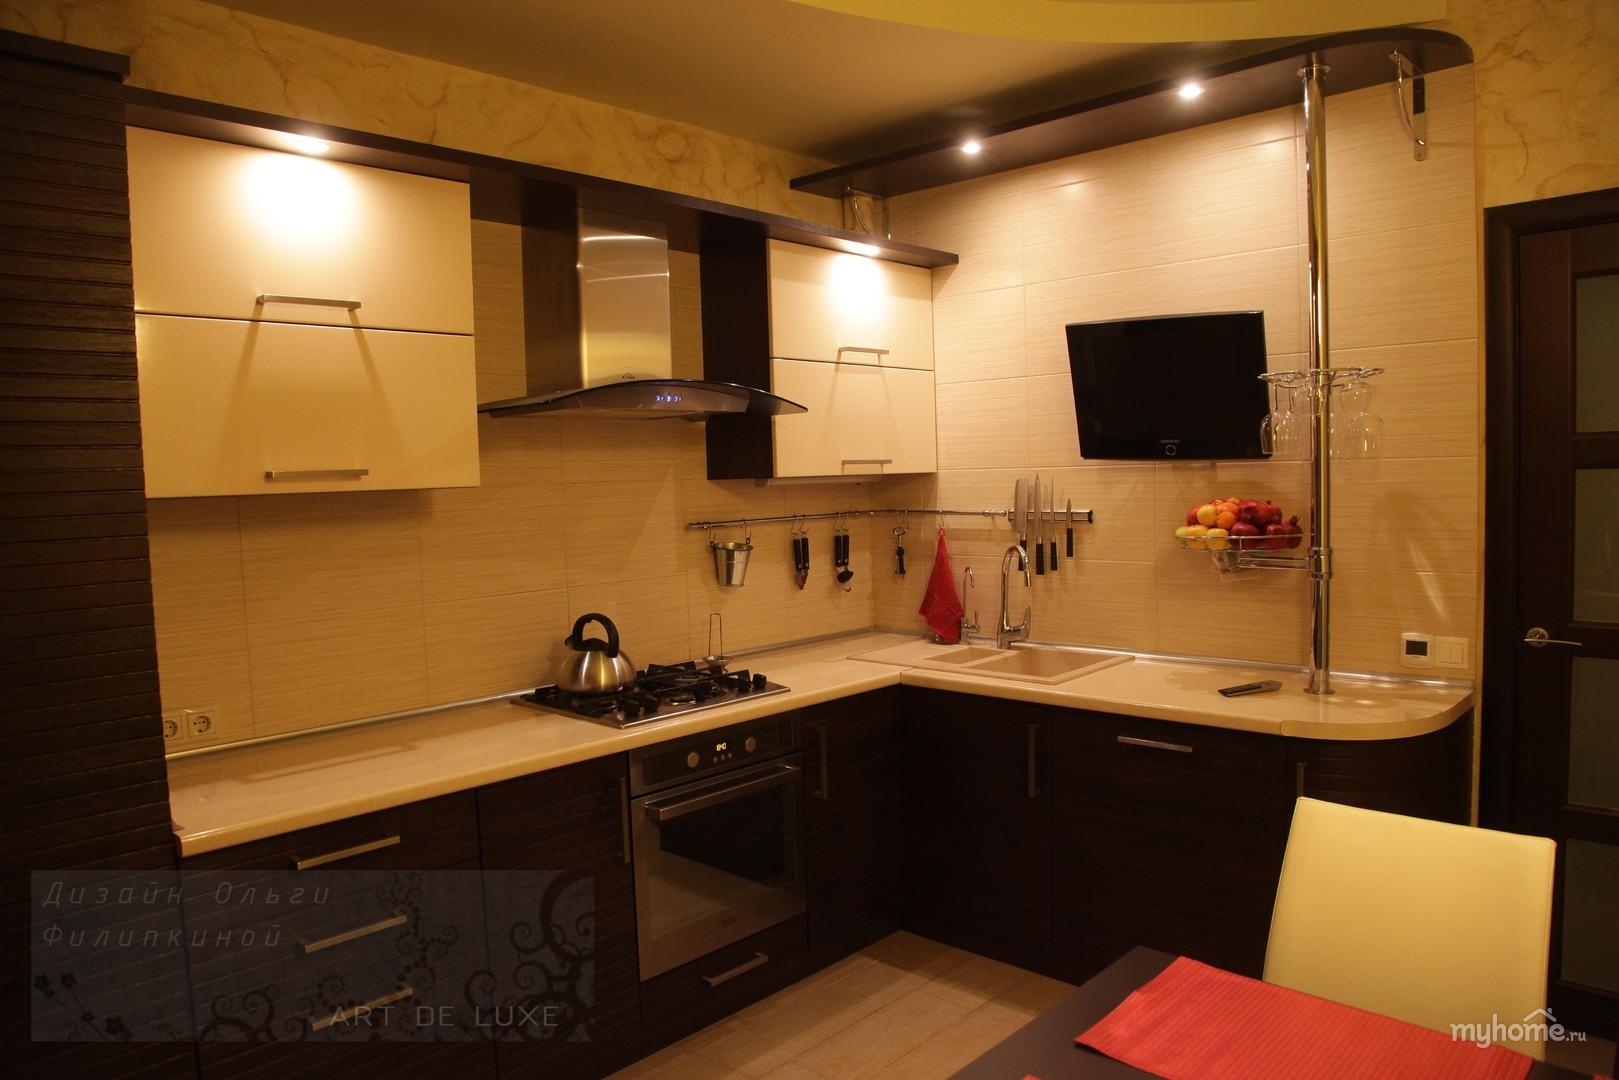 Дизайны кухонь в квартирах